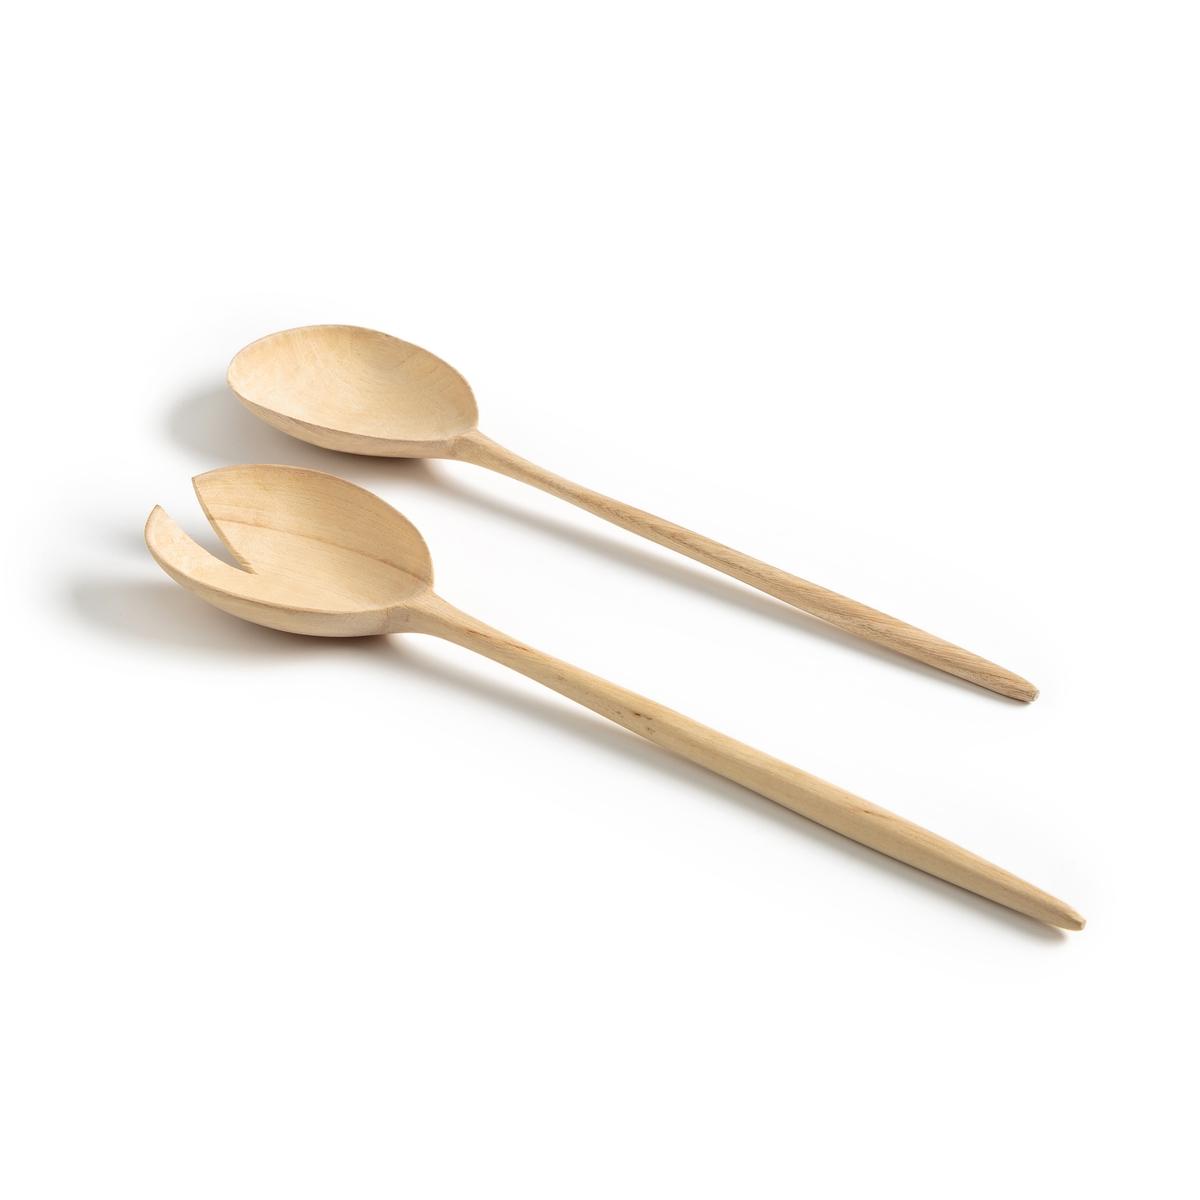 2 cucchiai da servizio olmo Sasaki By V. Barkowski